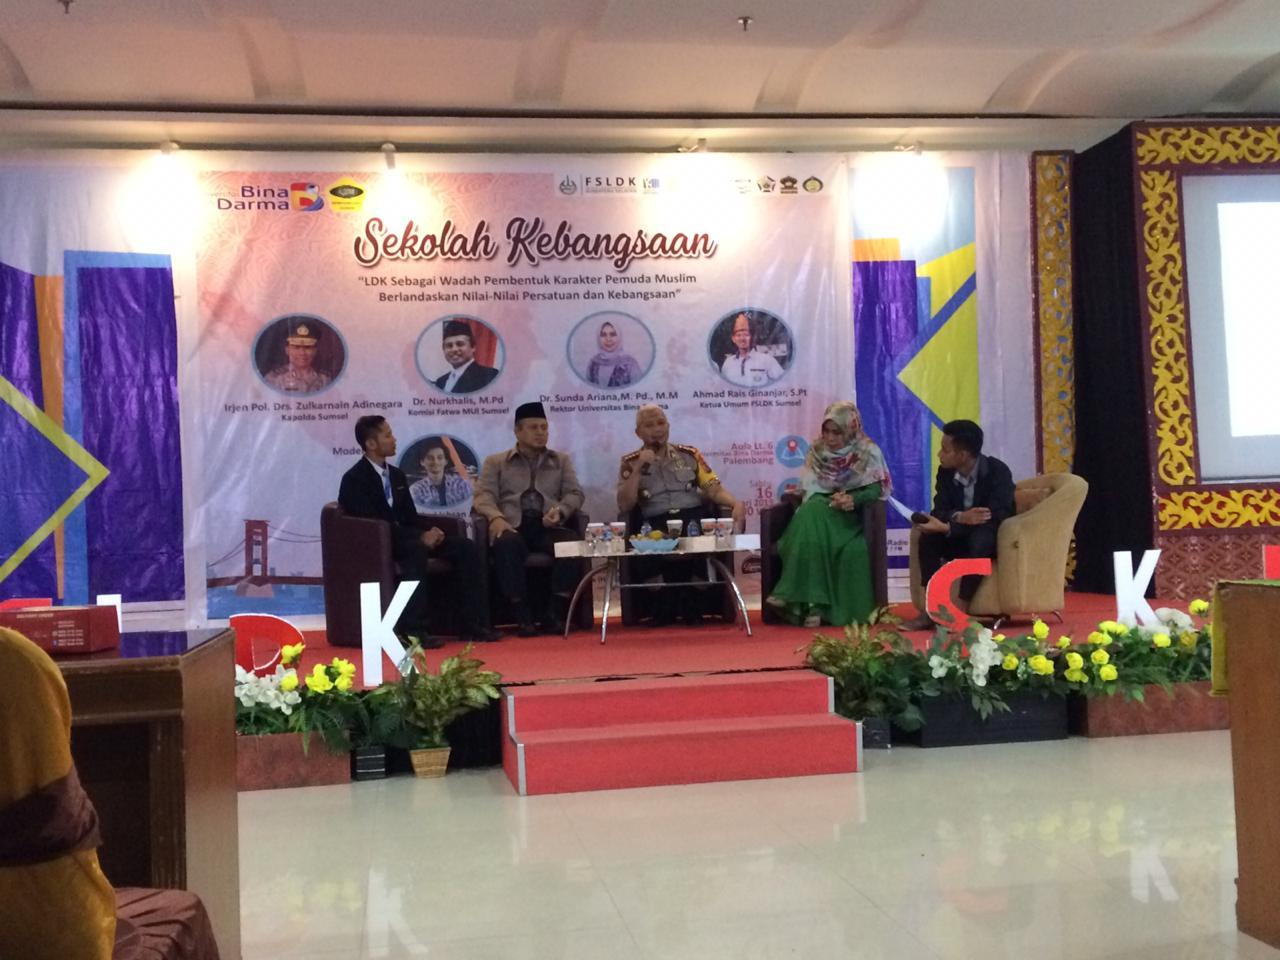 LDK dari Universitas Se-kota Palembang Menghadiri Sekolah Kebangsaan di Universitas Bina Darma